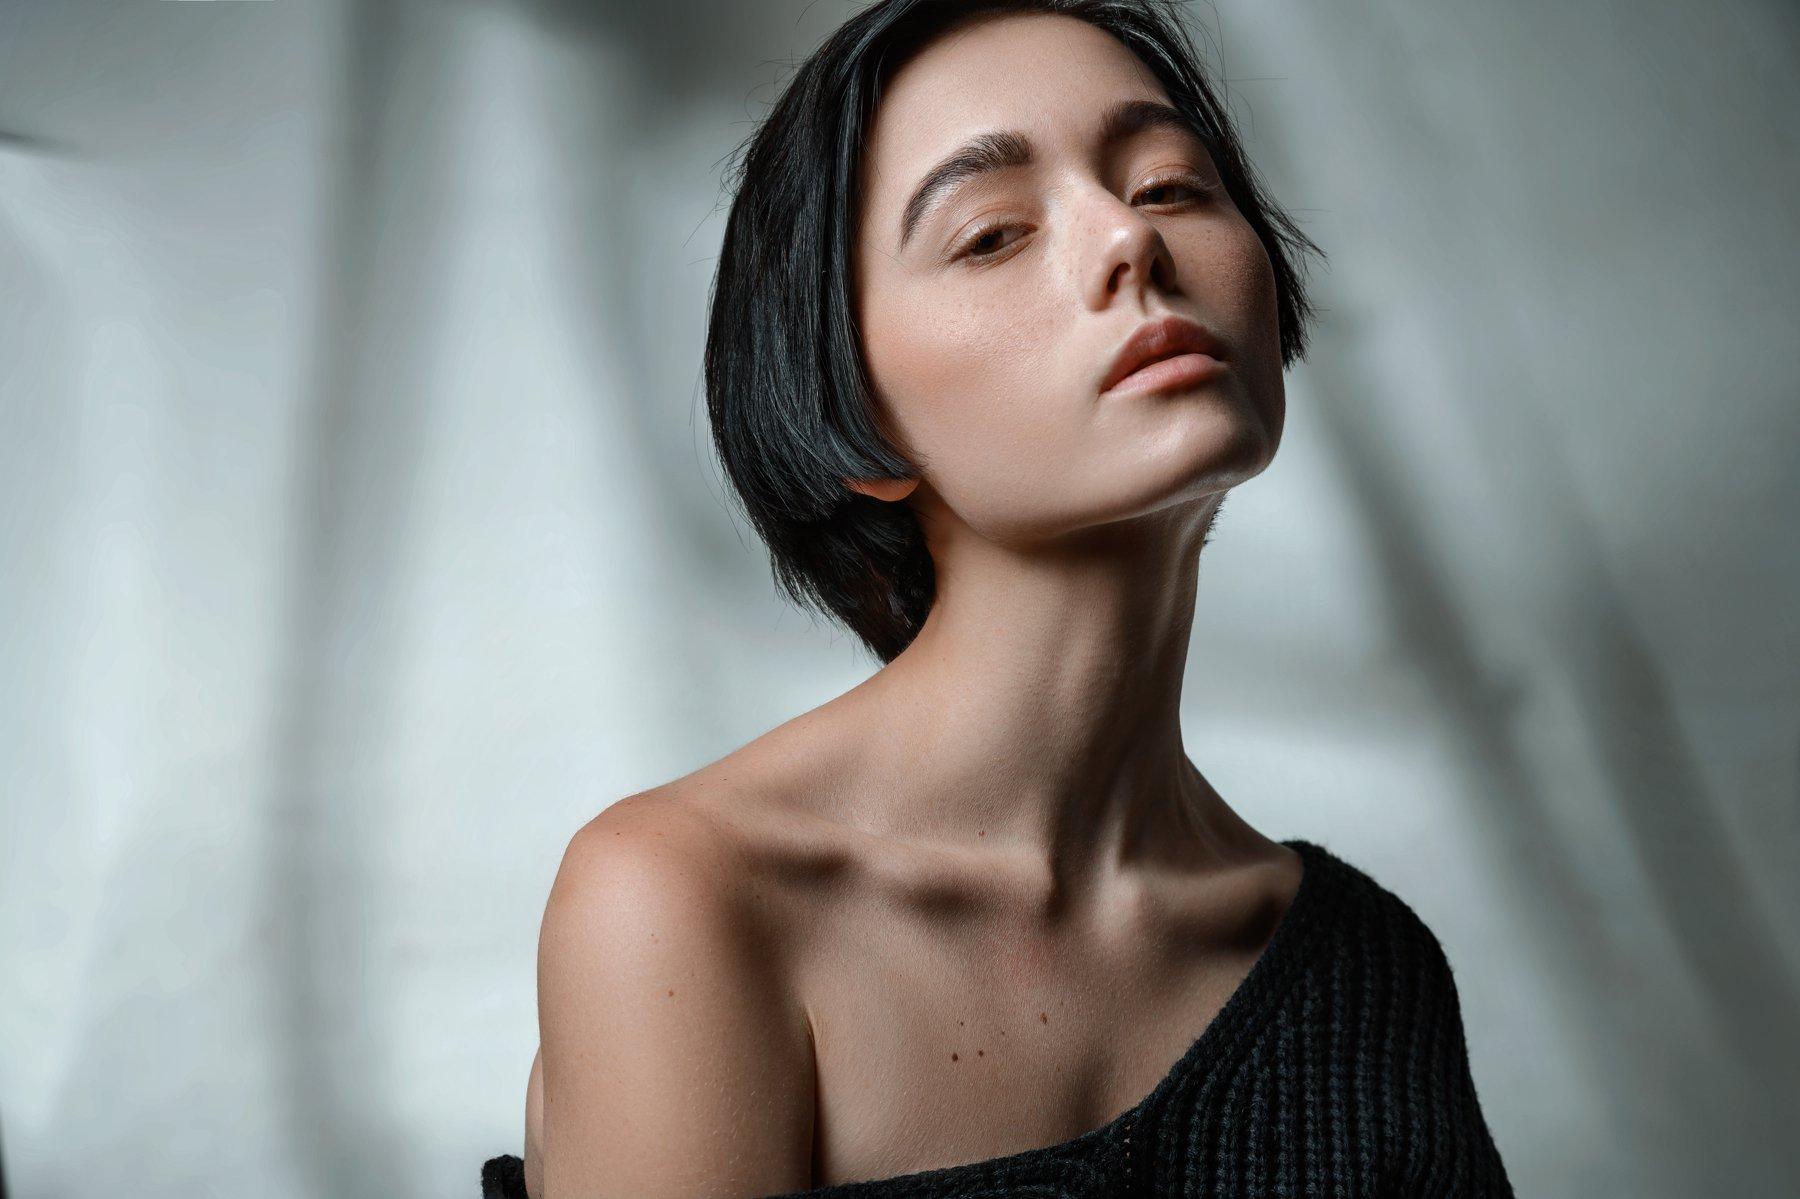 портрет. portrait, color, girl, studio, Соволов Павел